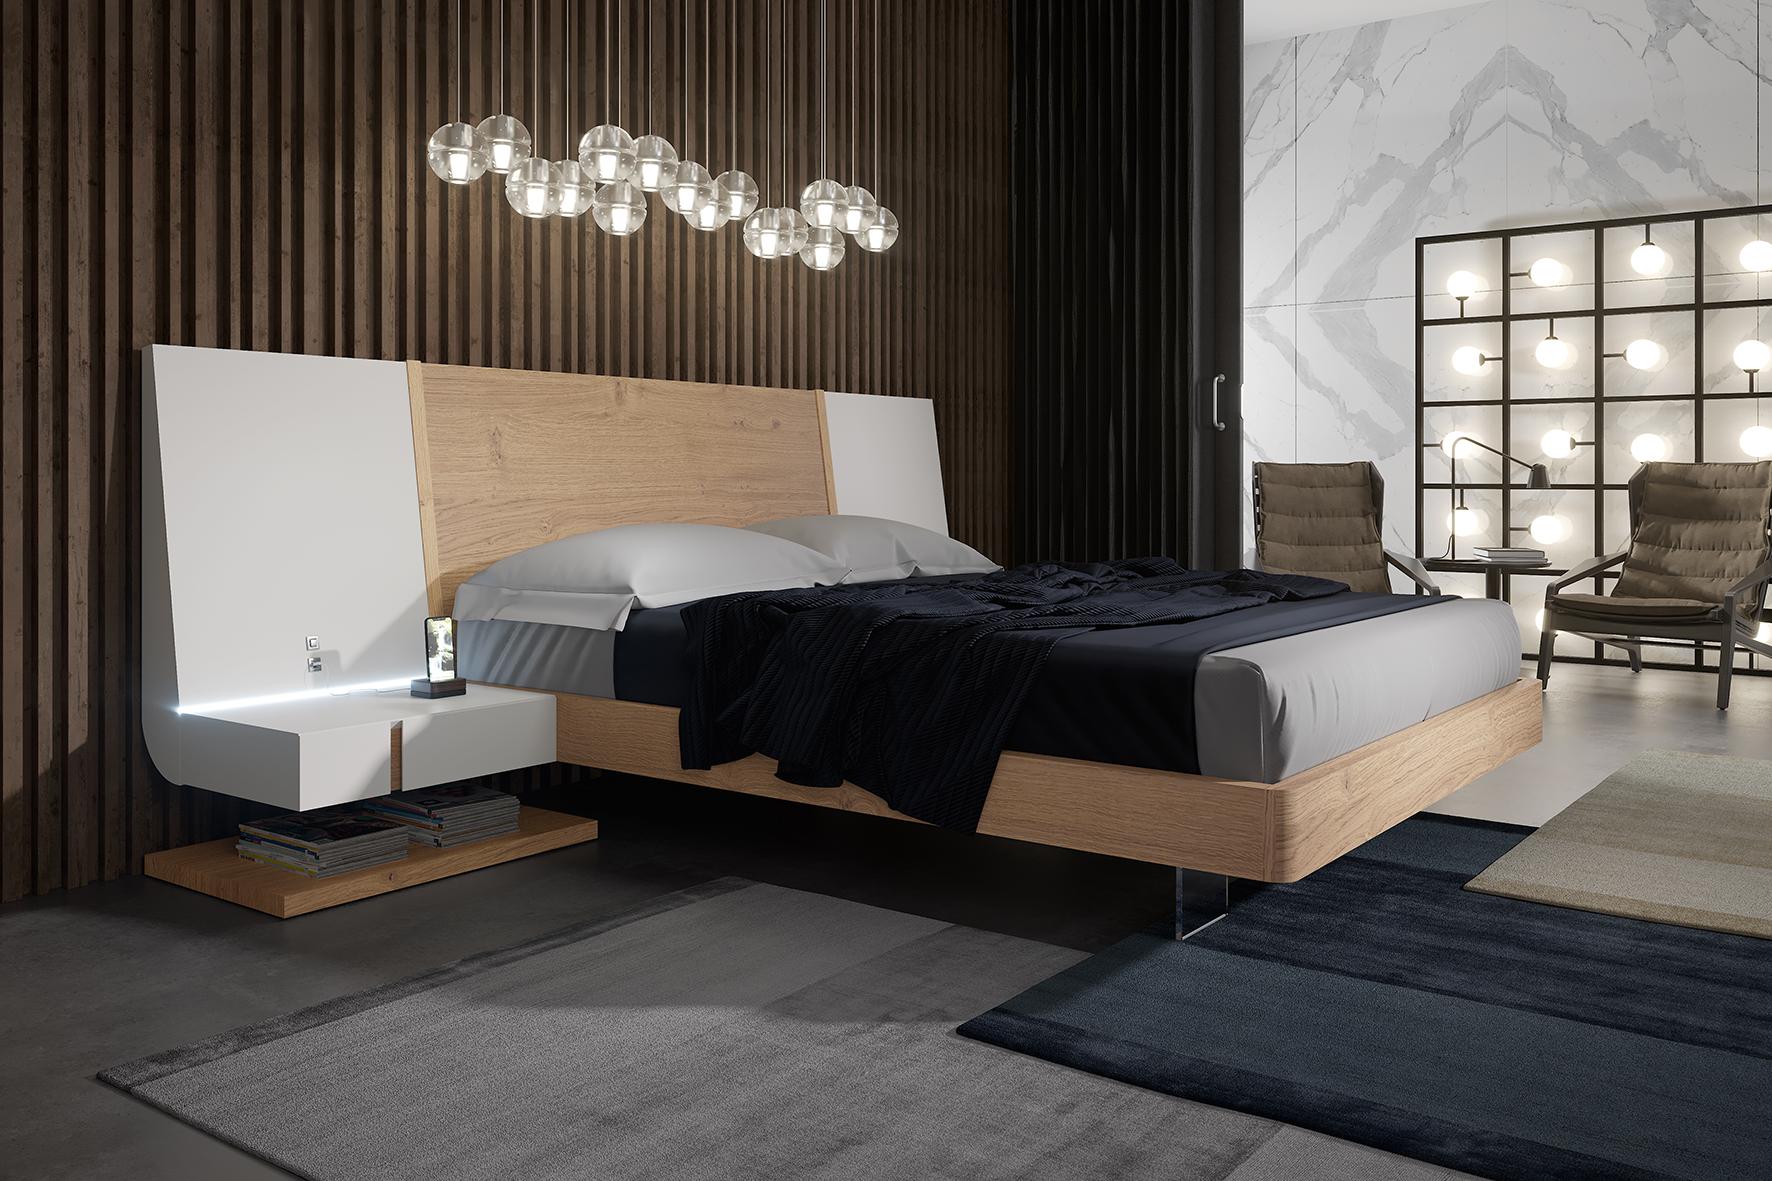 Extravagant Wood High End Platform Bed With Drawers Los Angeles California Garcia Sabate Air Ym05